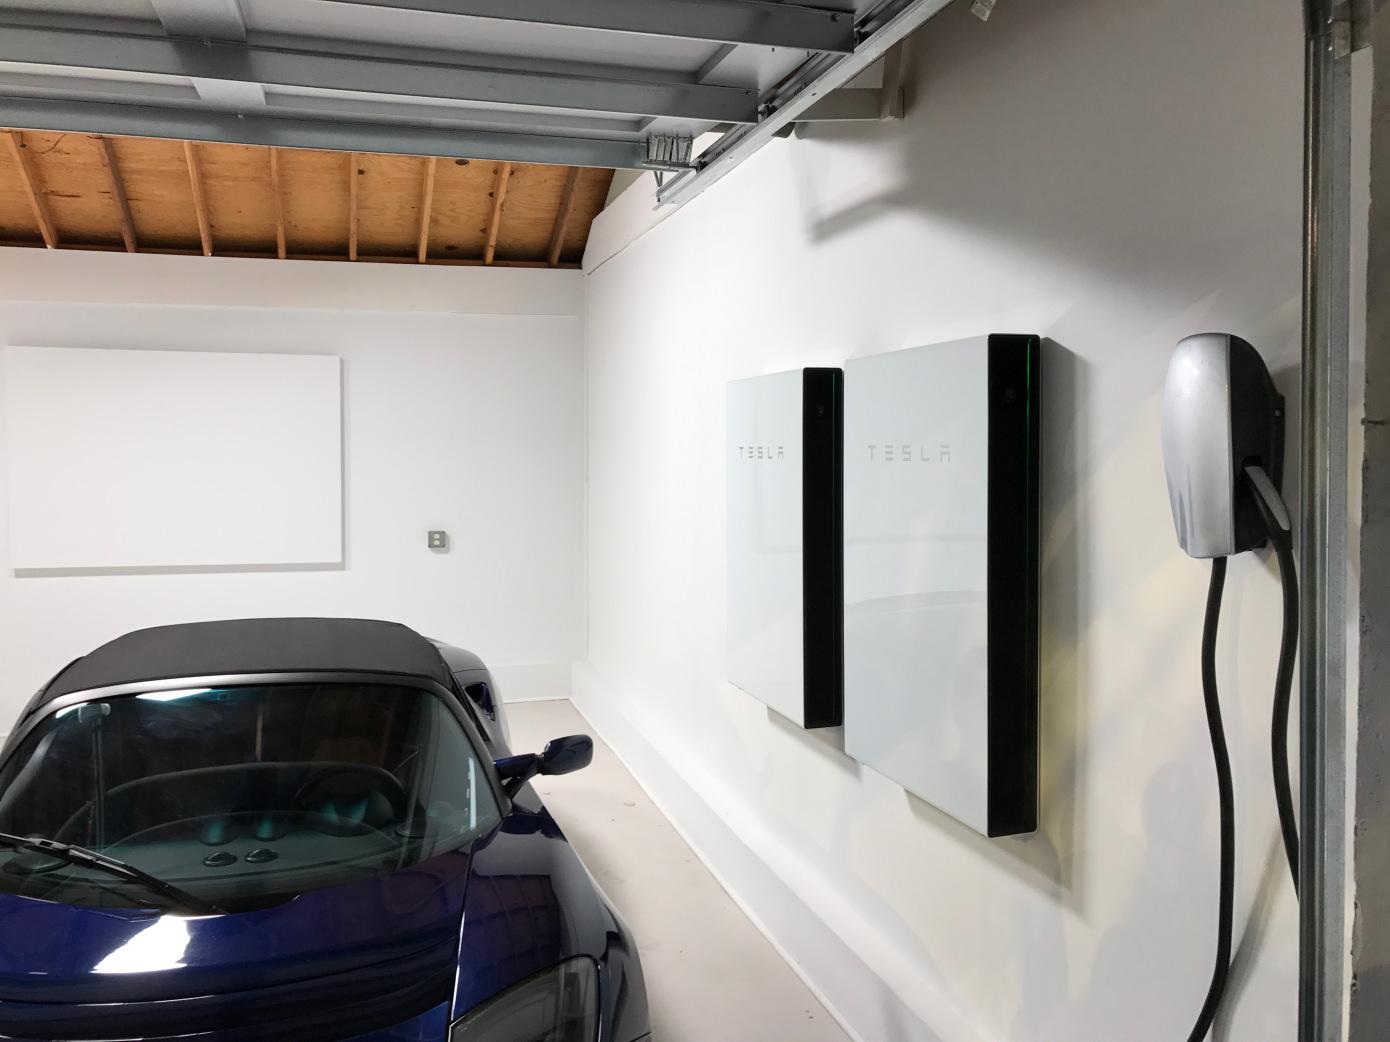 Ілон Маск перетворить житлові будинки в розподілені електростанції